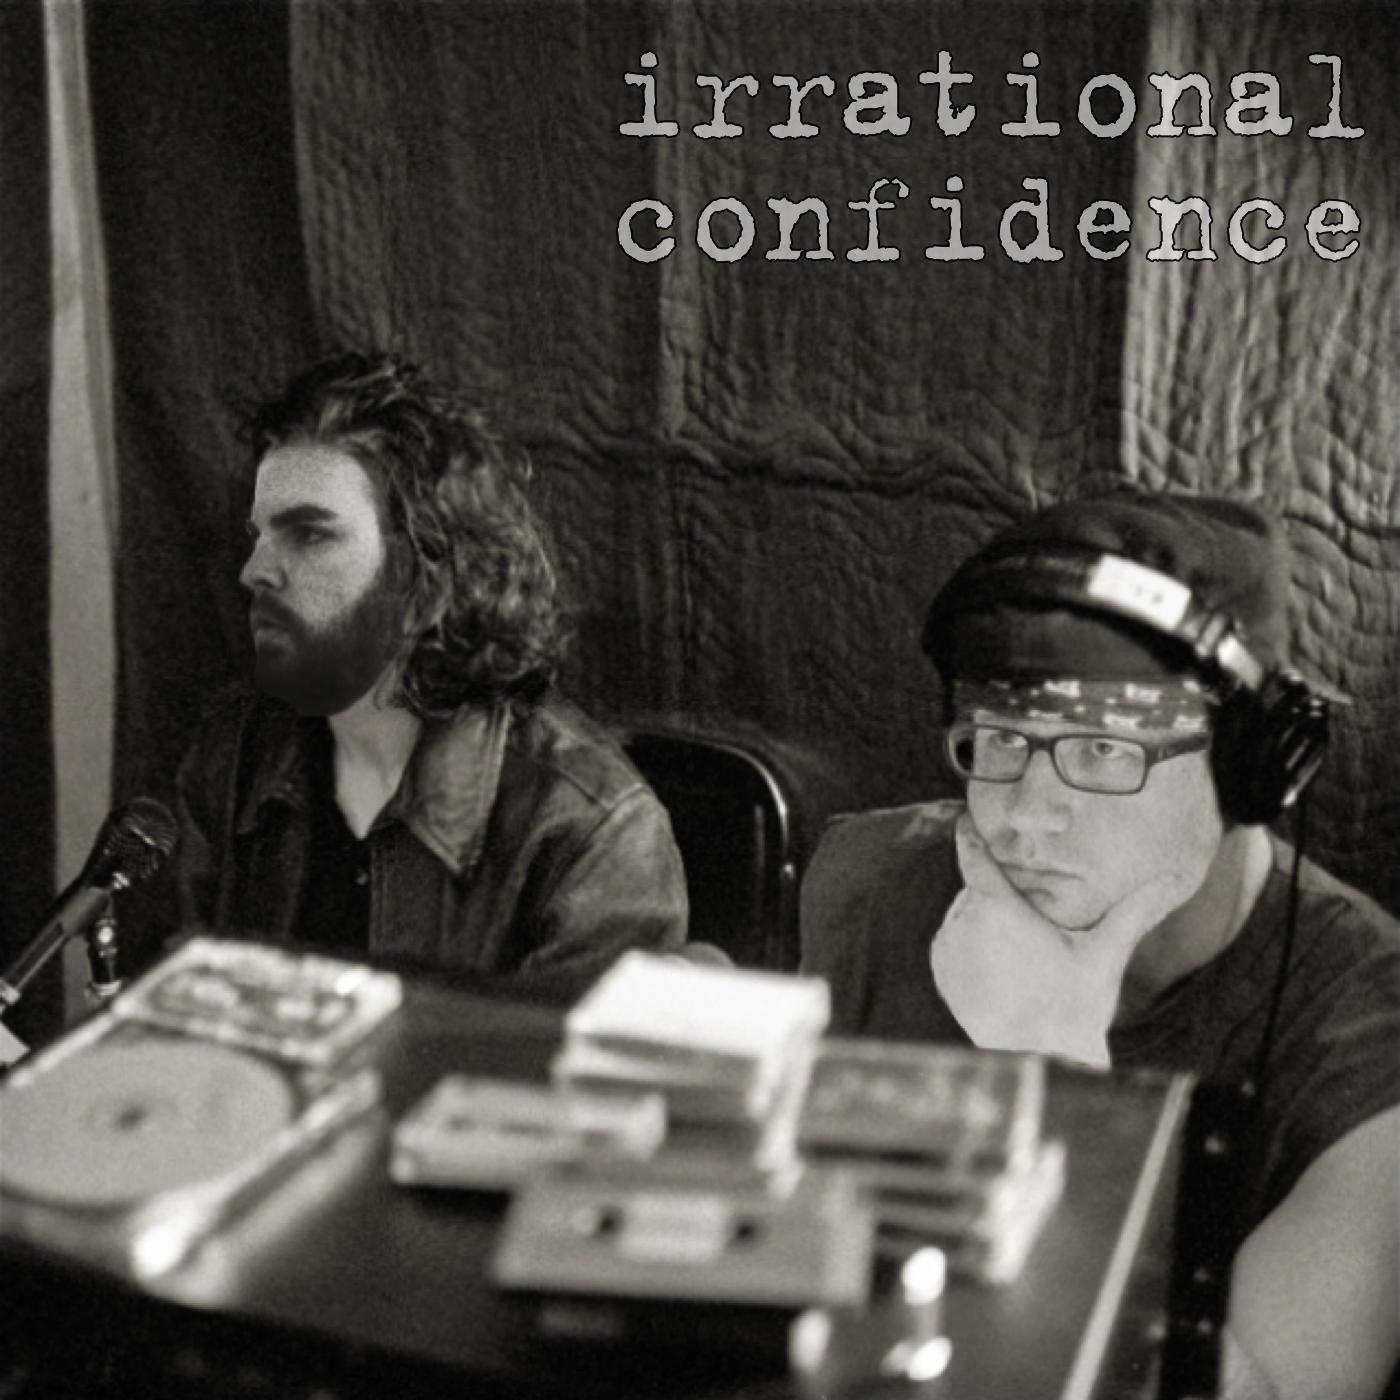 IRR CON POD - A Fine Dram